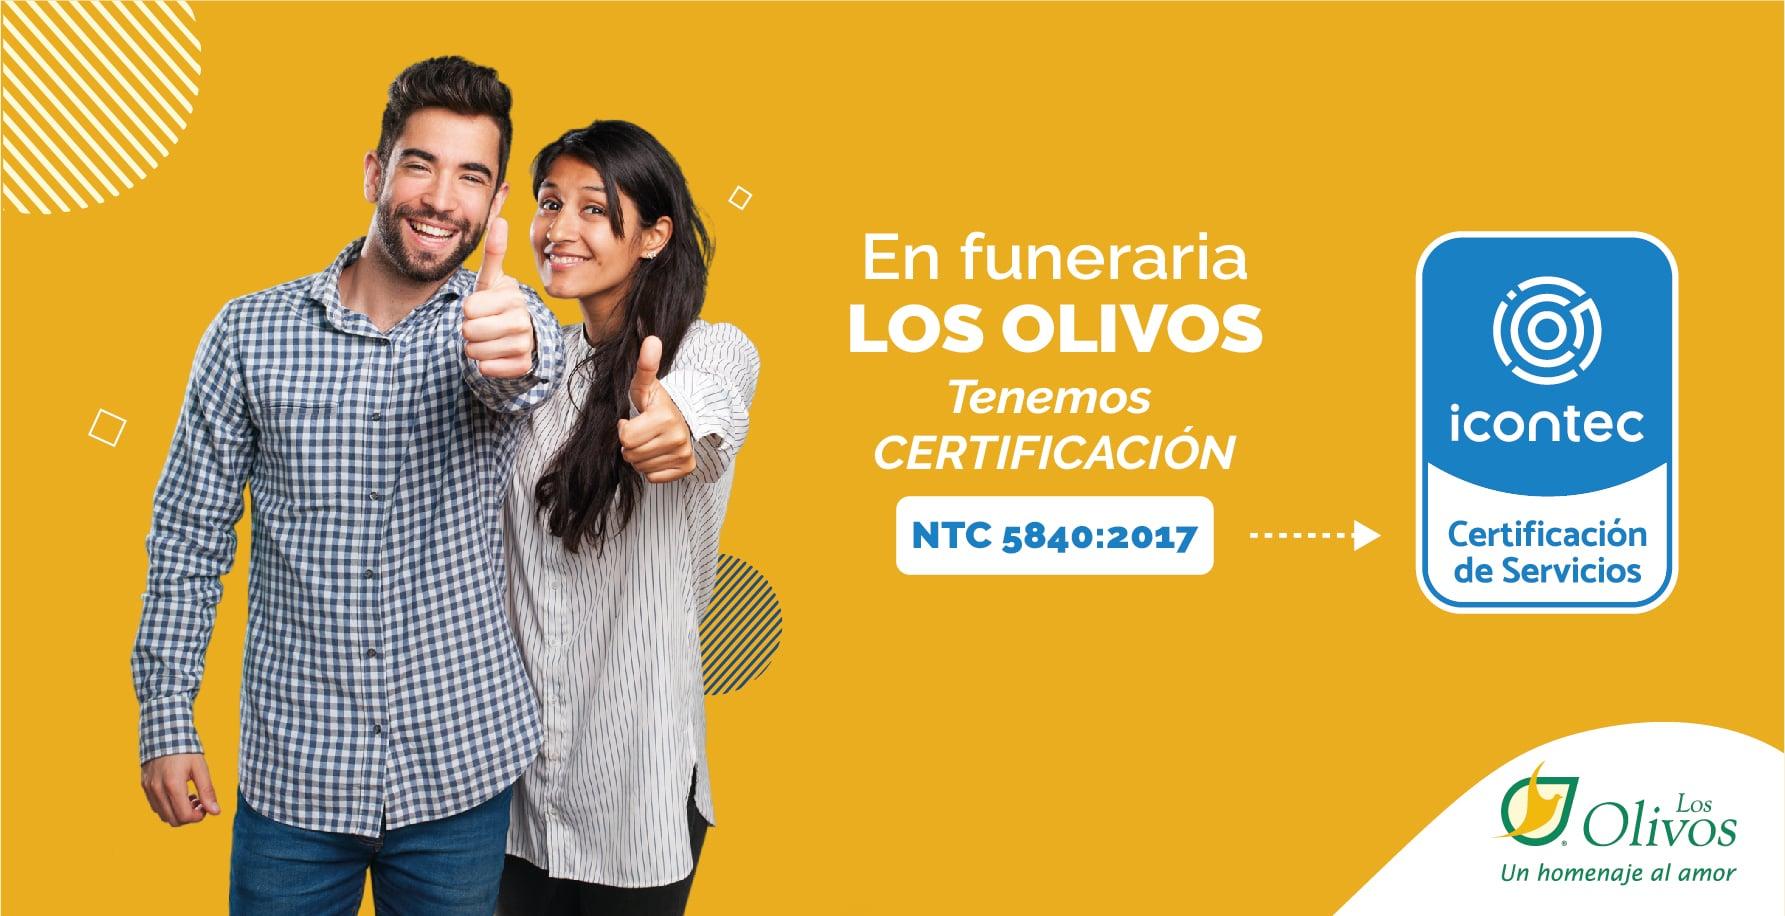 Estamos certificados por el ICONTEC